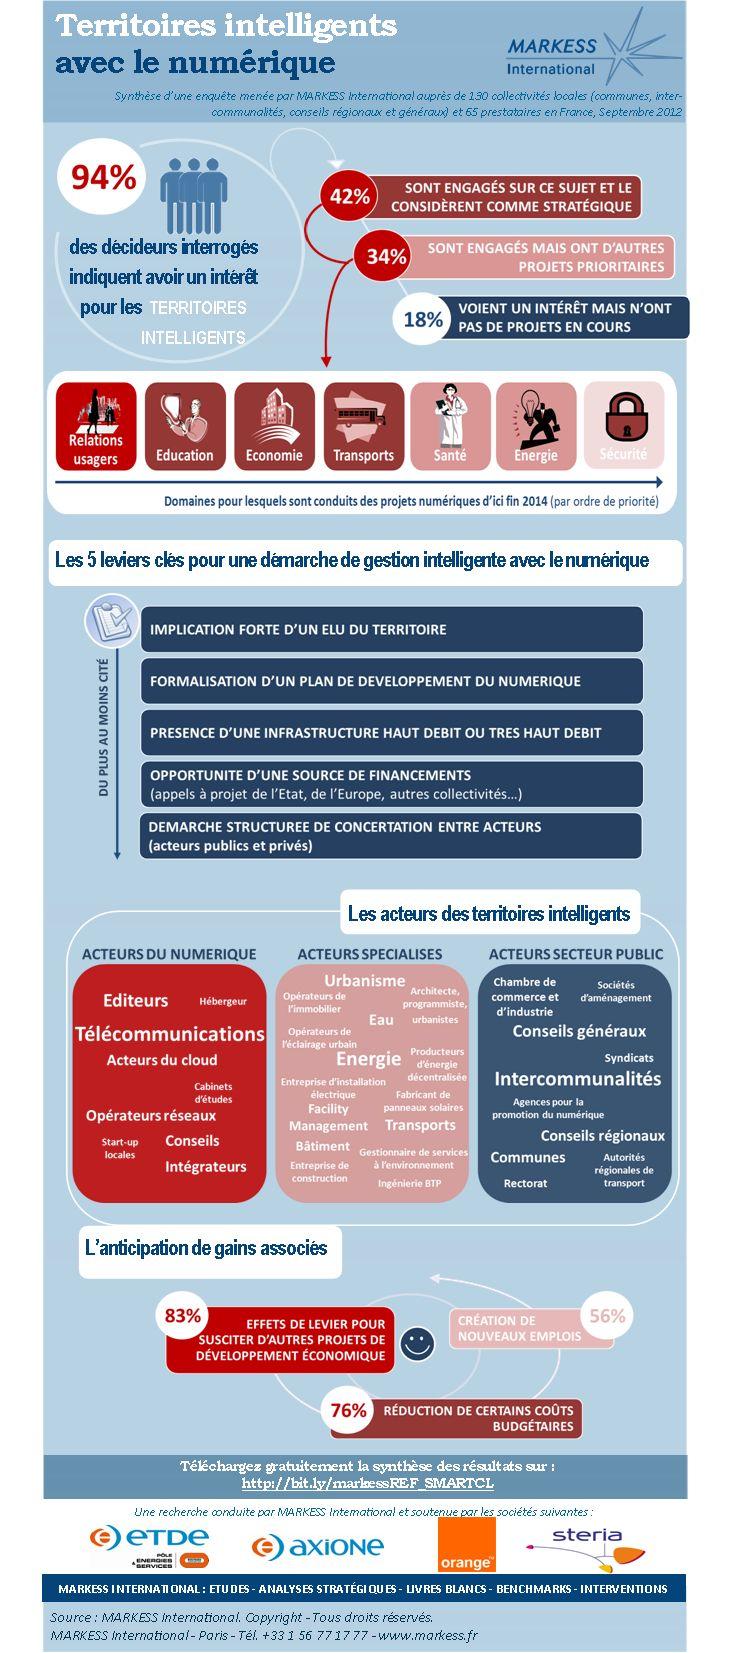 """Infographie Markess """"territoires intelligents avec le numérique"""" (projets, leviers, acteurs...)"""